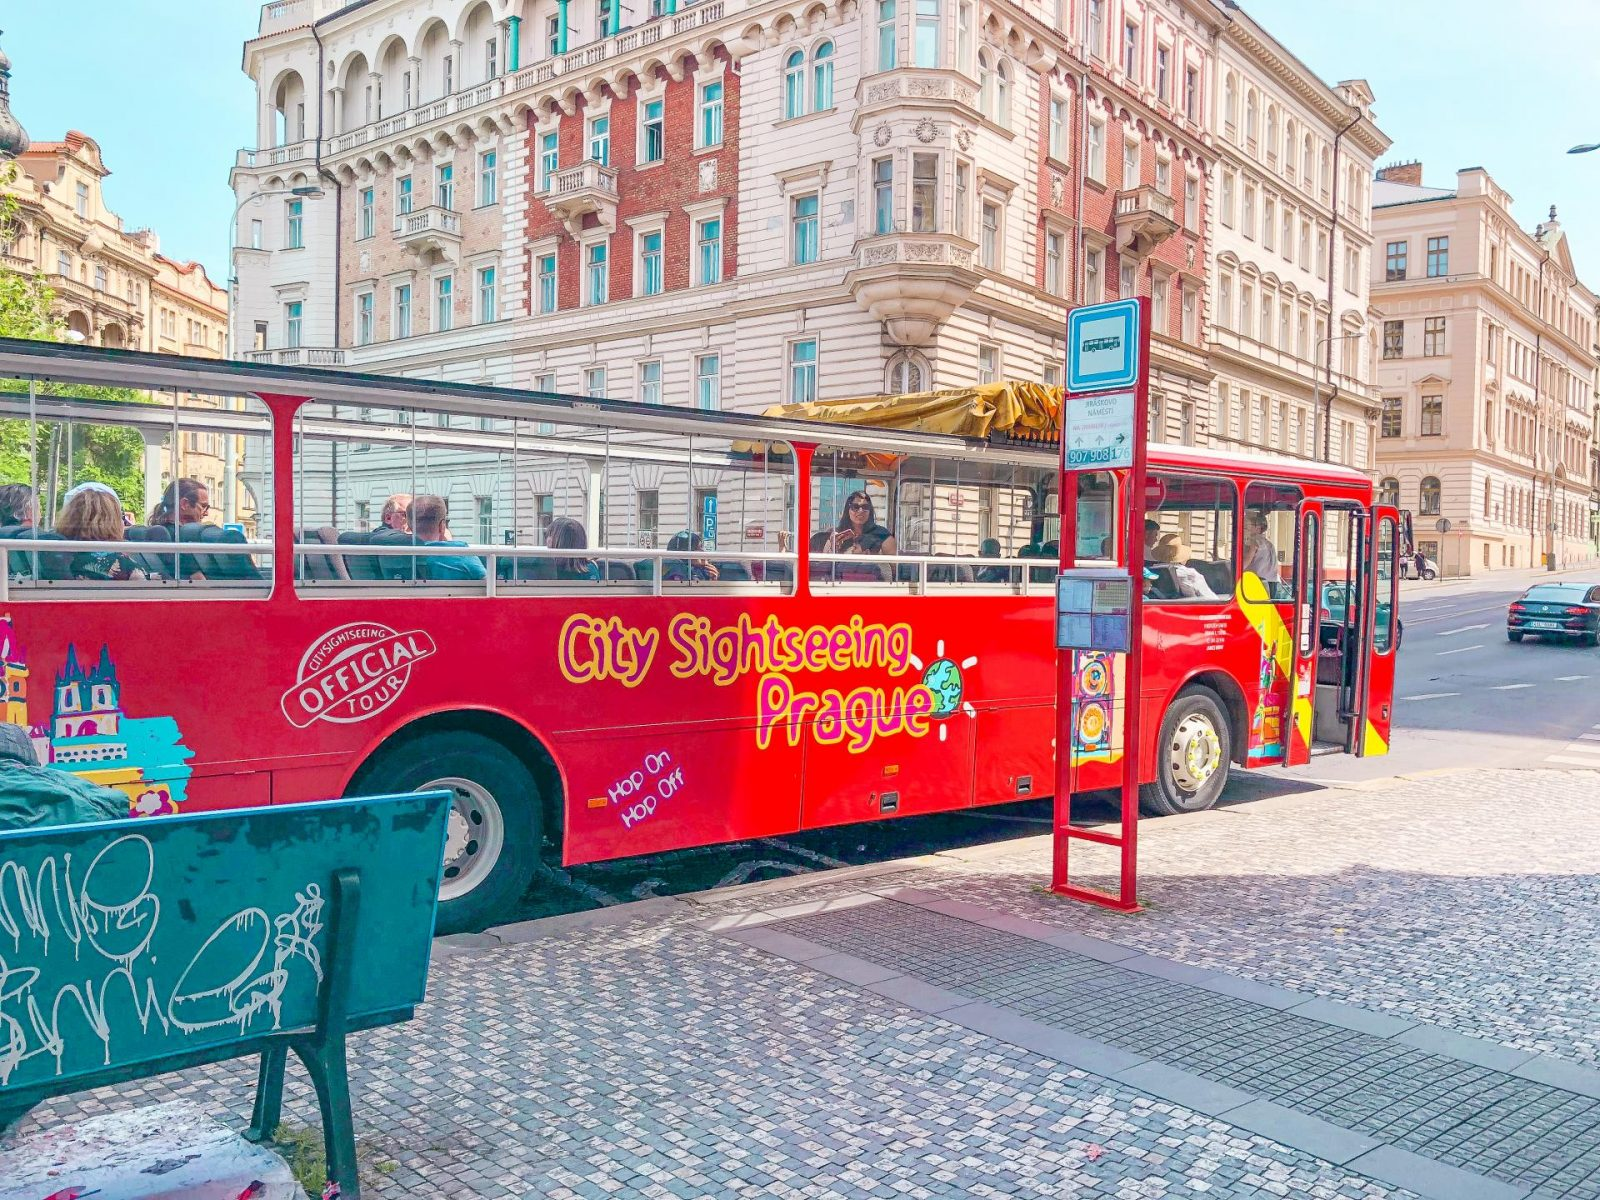 Prague - City Sightseeing bus